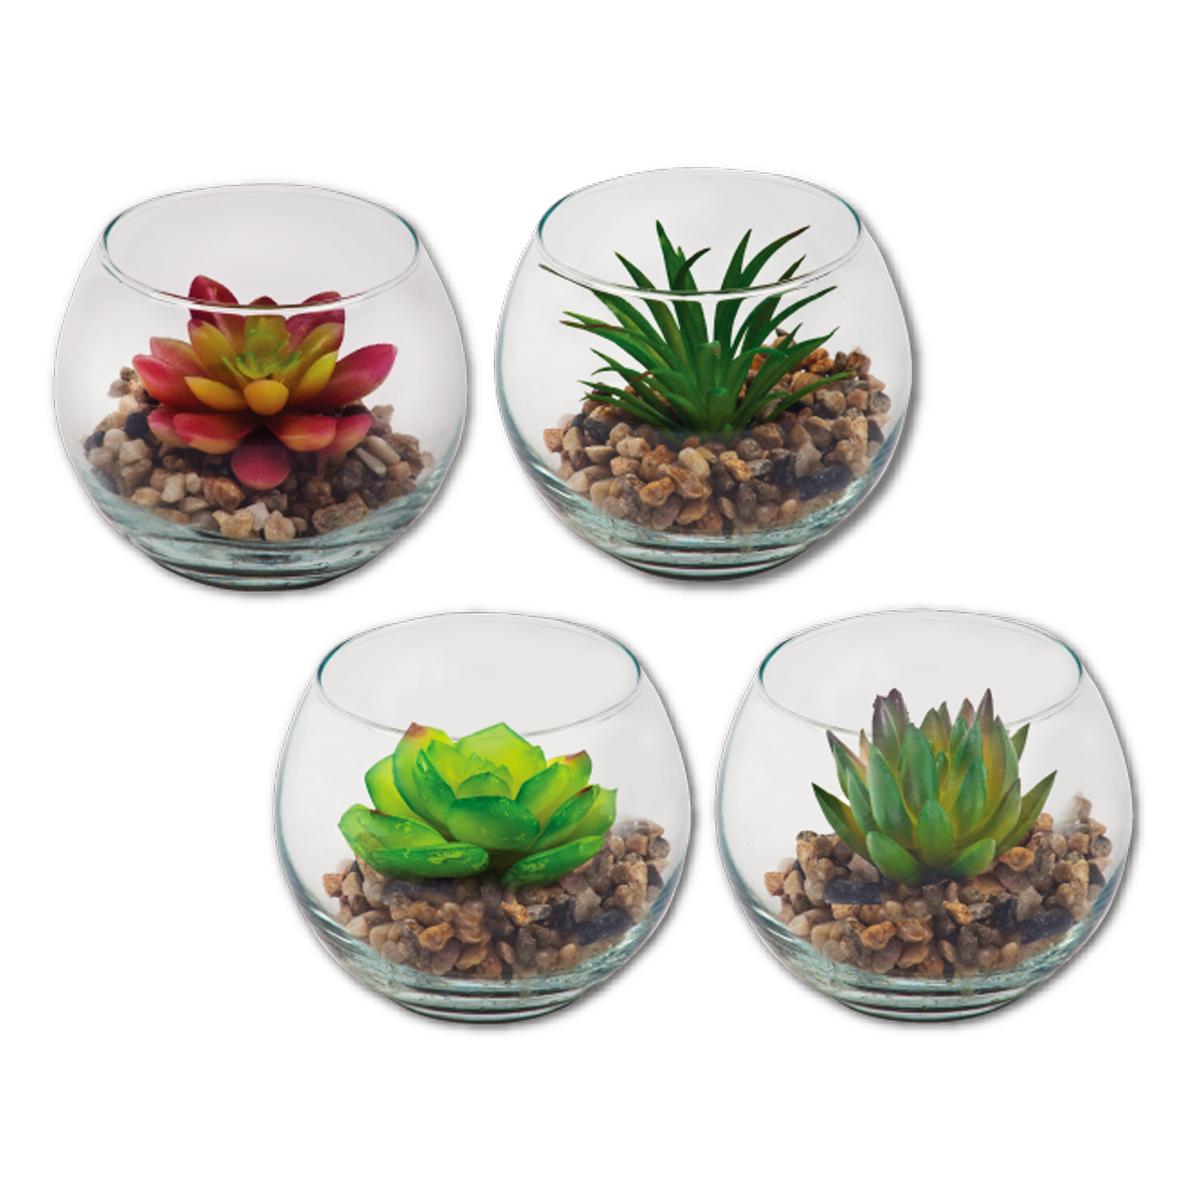 צמח מלאכותי בכלי זכוכית